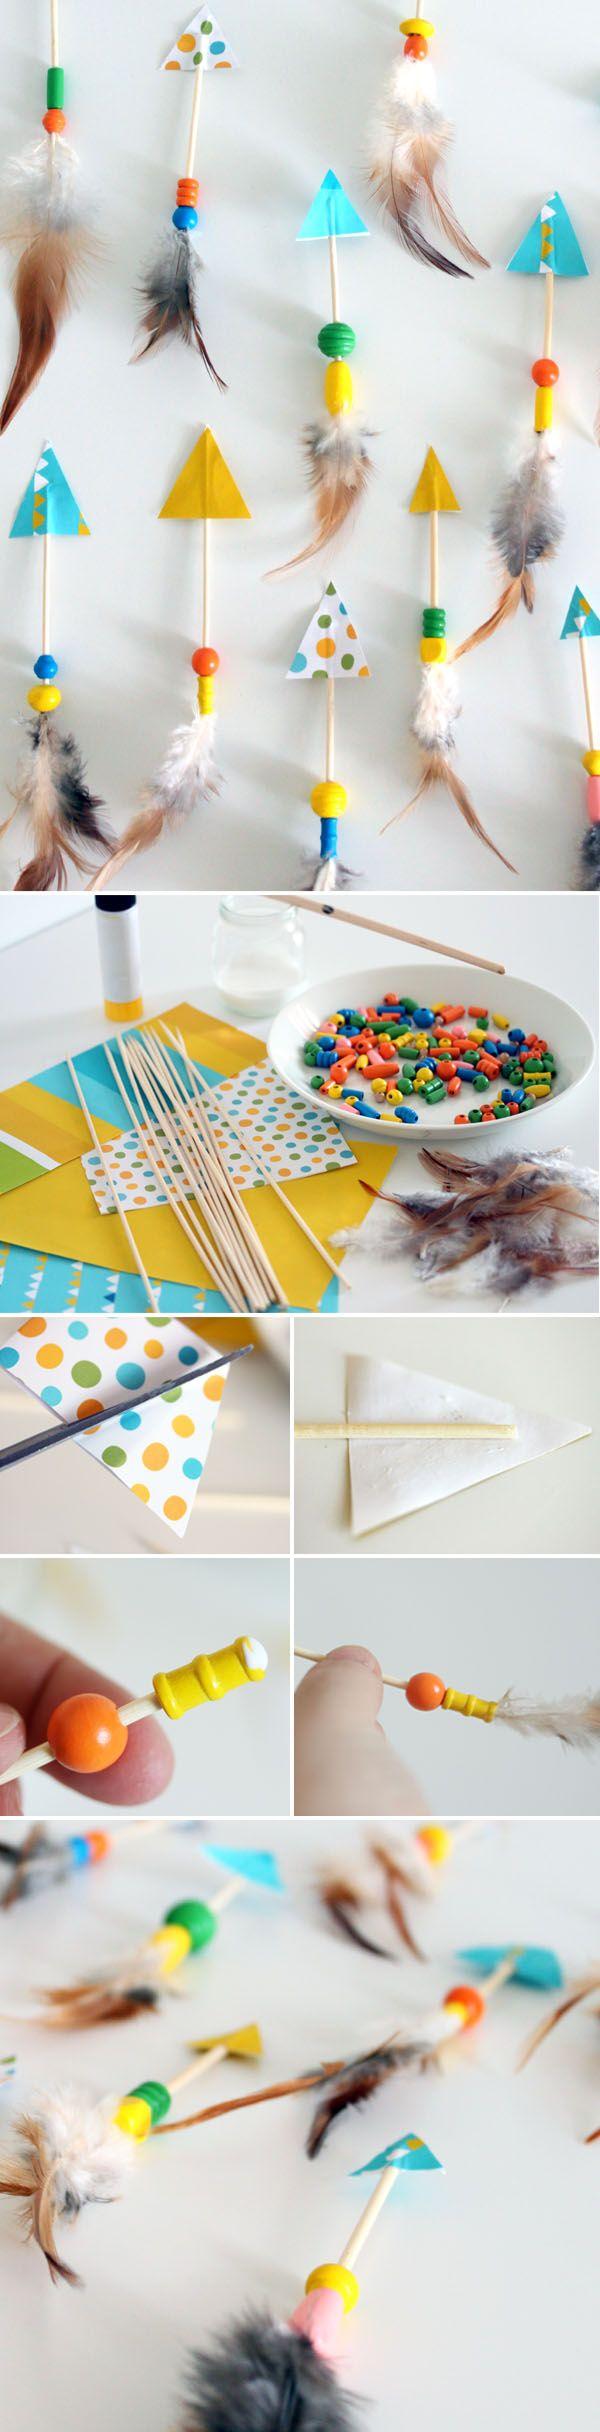 Noidan nuolet. lasten | askartelu | pääsiäinen | käsityöt | koti | paperi | DIY ideas | kid crafts | Easter | home | paper crafts | Pikku Kakkonen